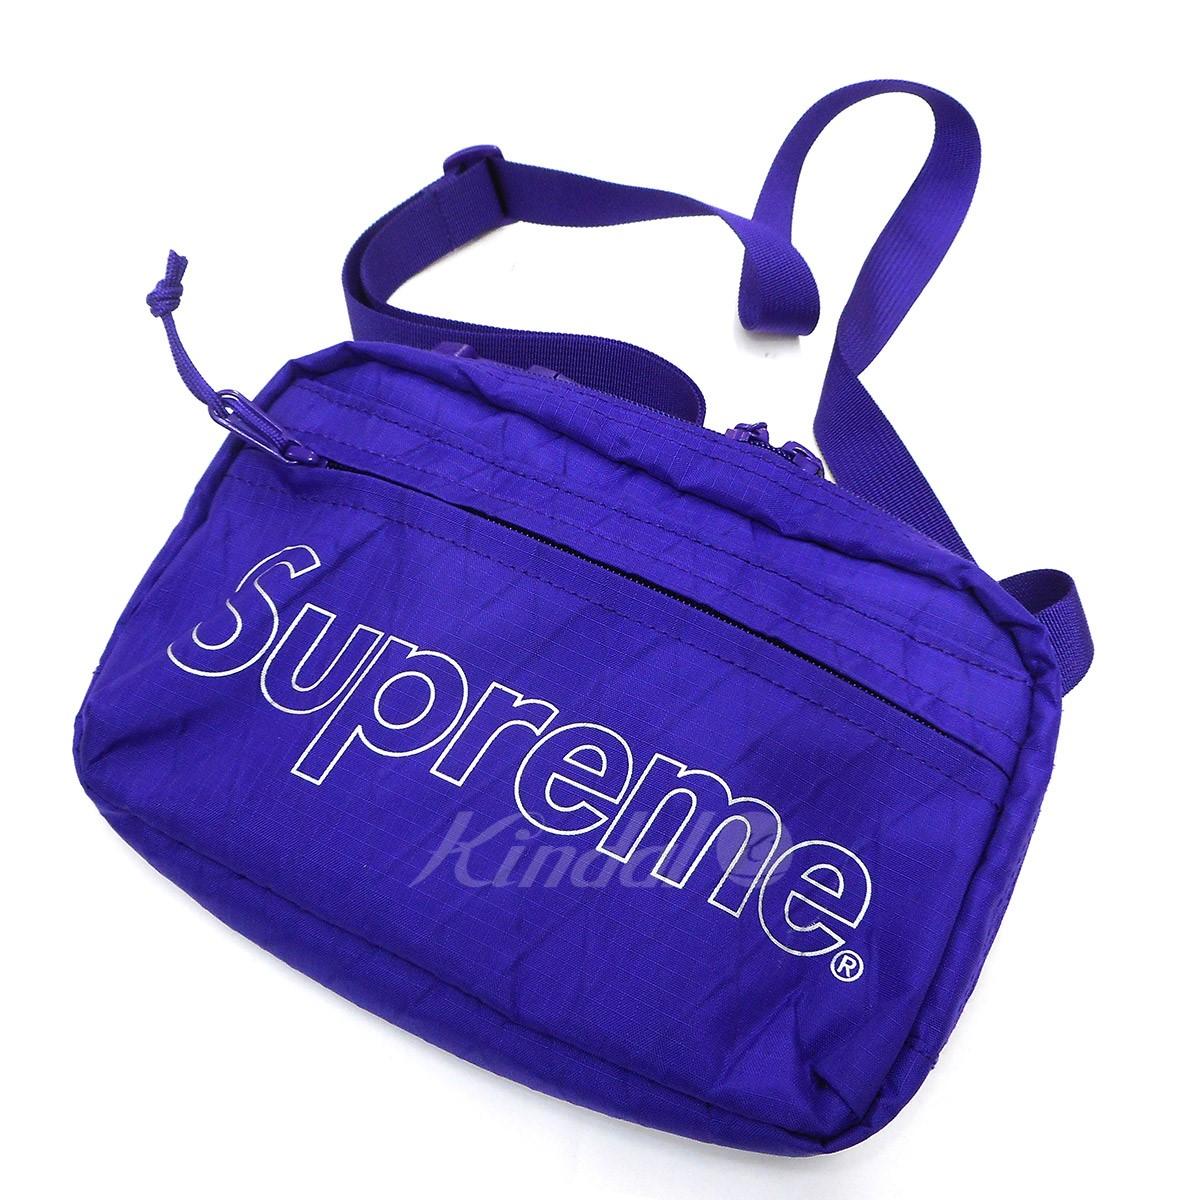 【中古】SUPREME 18AW Shoulder Bag ショルダーバッグ パープル 【送料無料】 【241018】(シュプリーム)